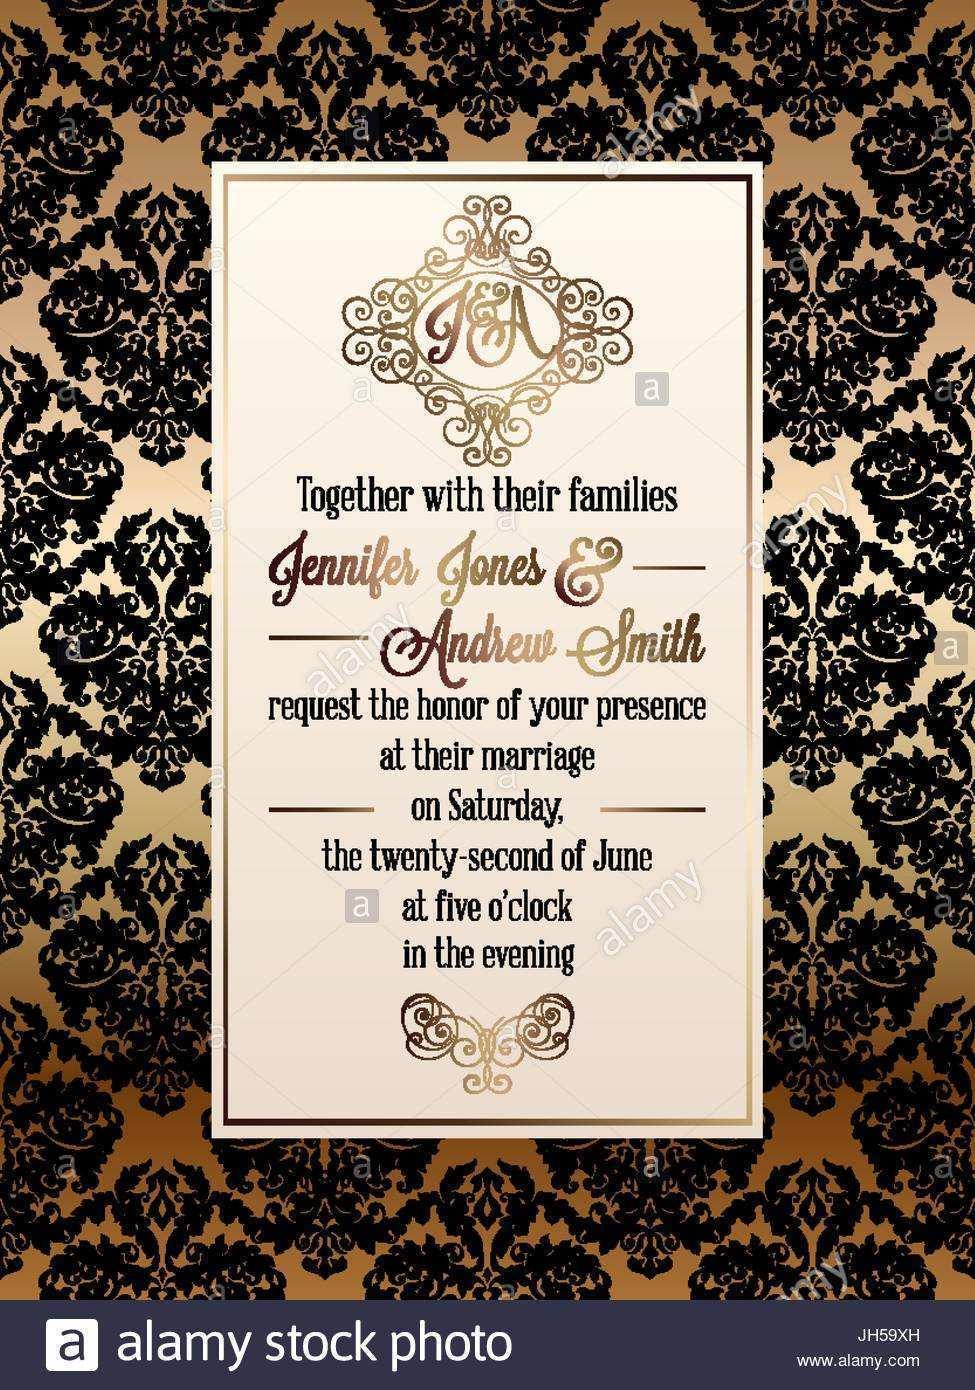 17 Customize Invitation Card Template Vintage Maker with Invitation Card Template Vintage